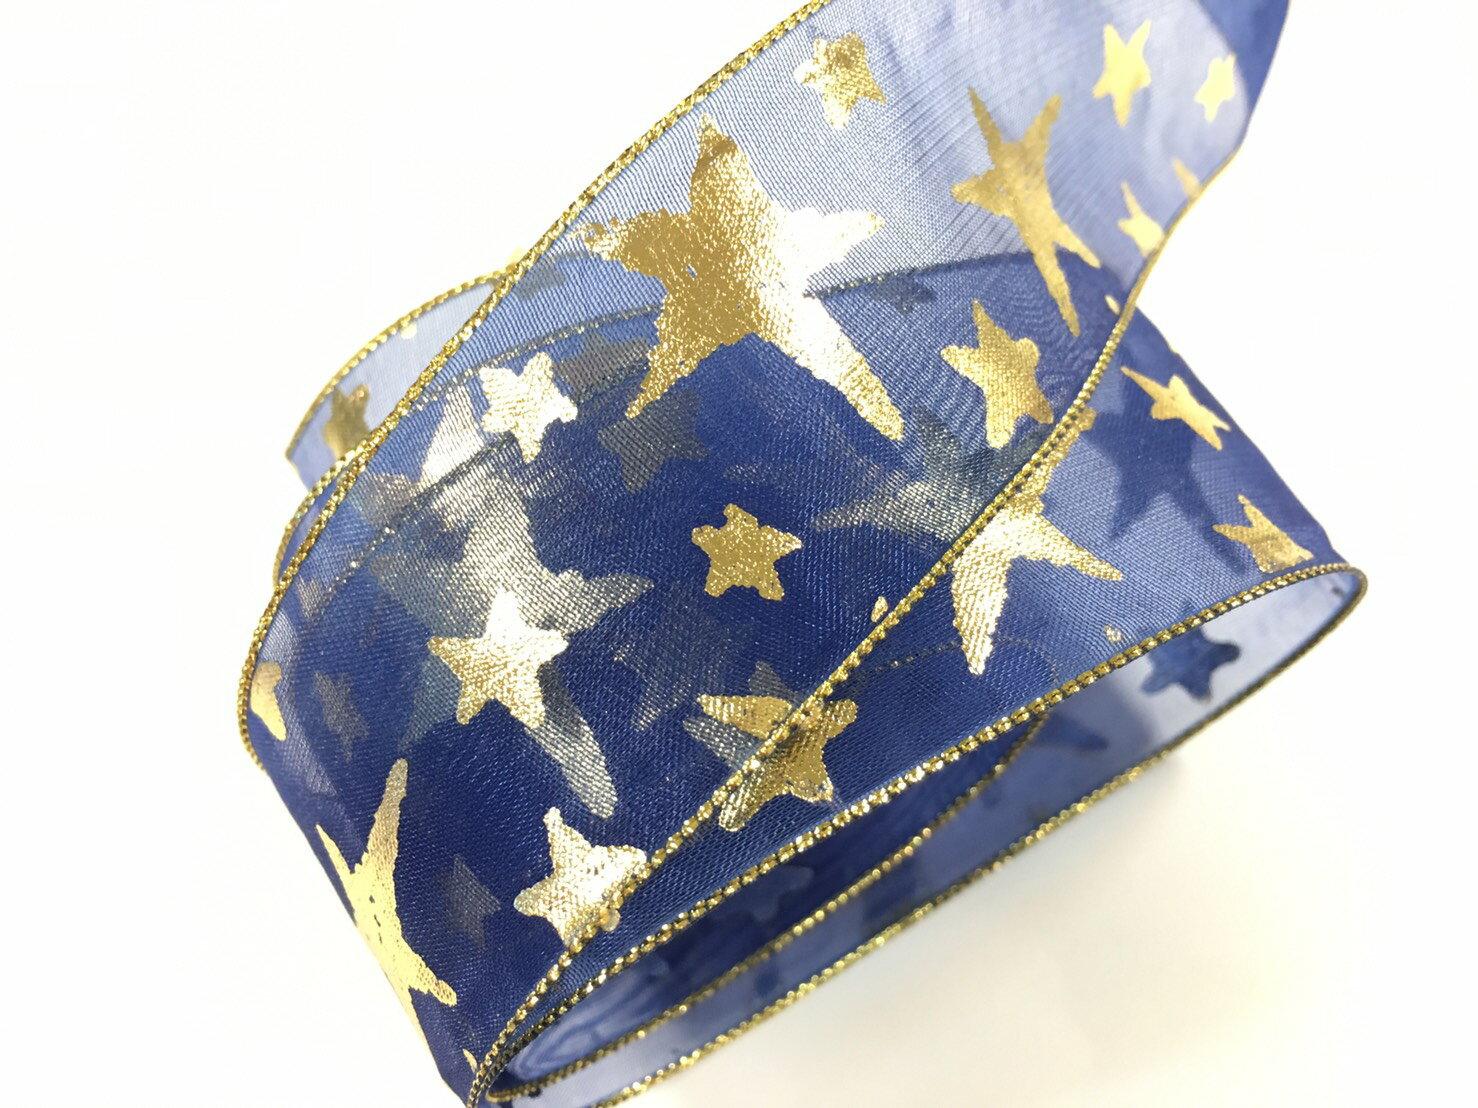 網紗緞帶-聖誕彩色星星 38mm 3碼裝 (5色) 0